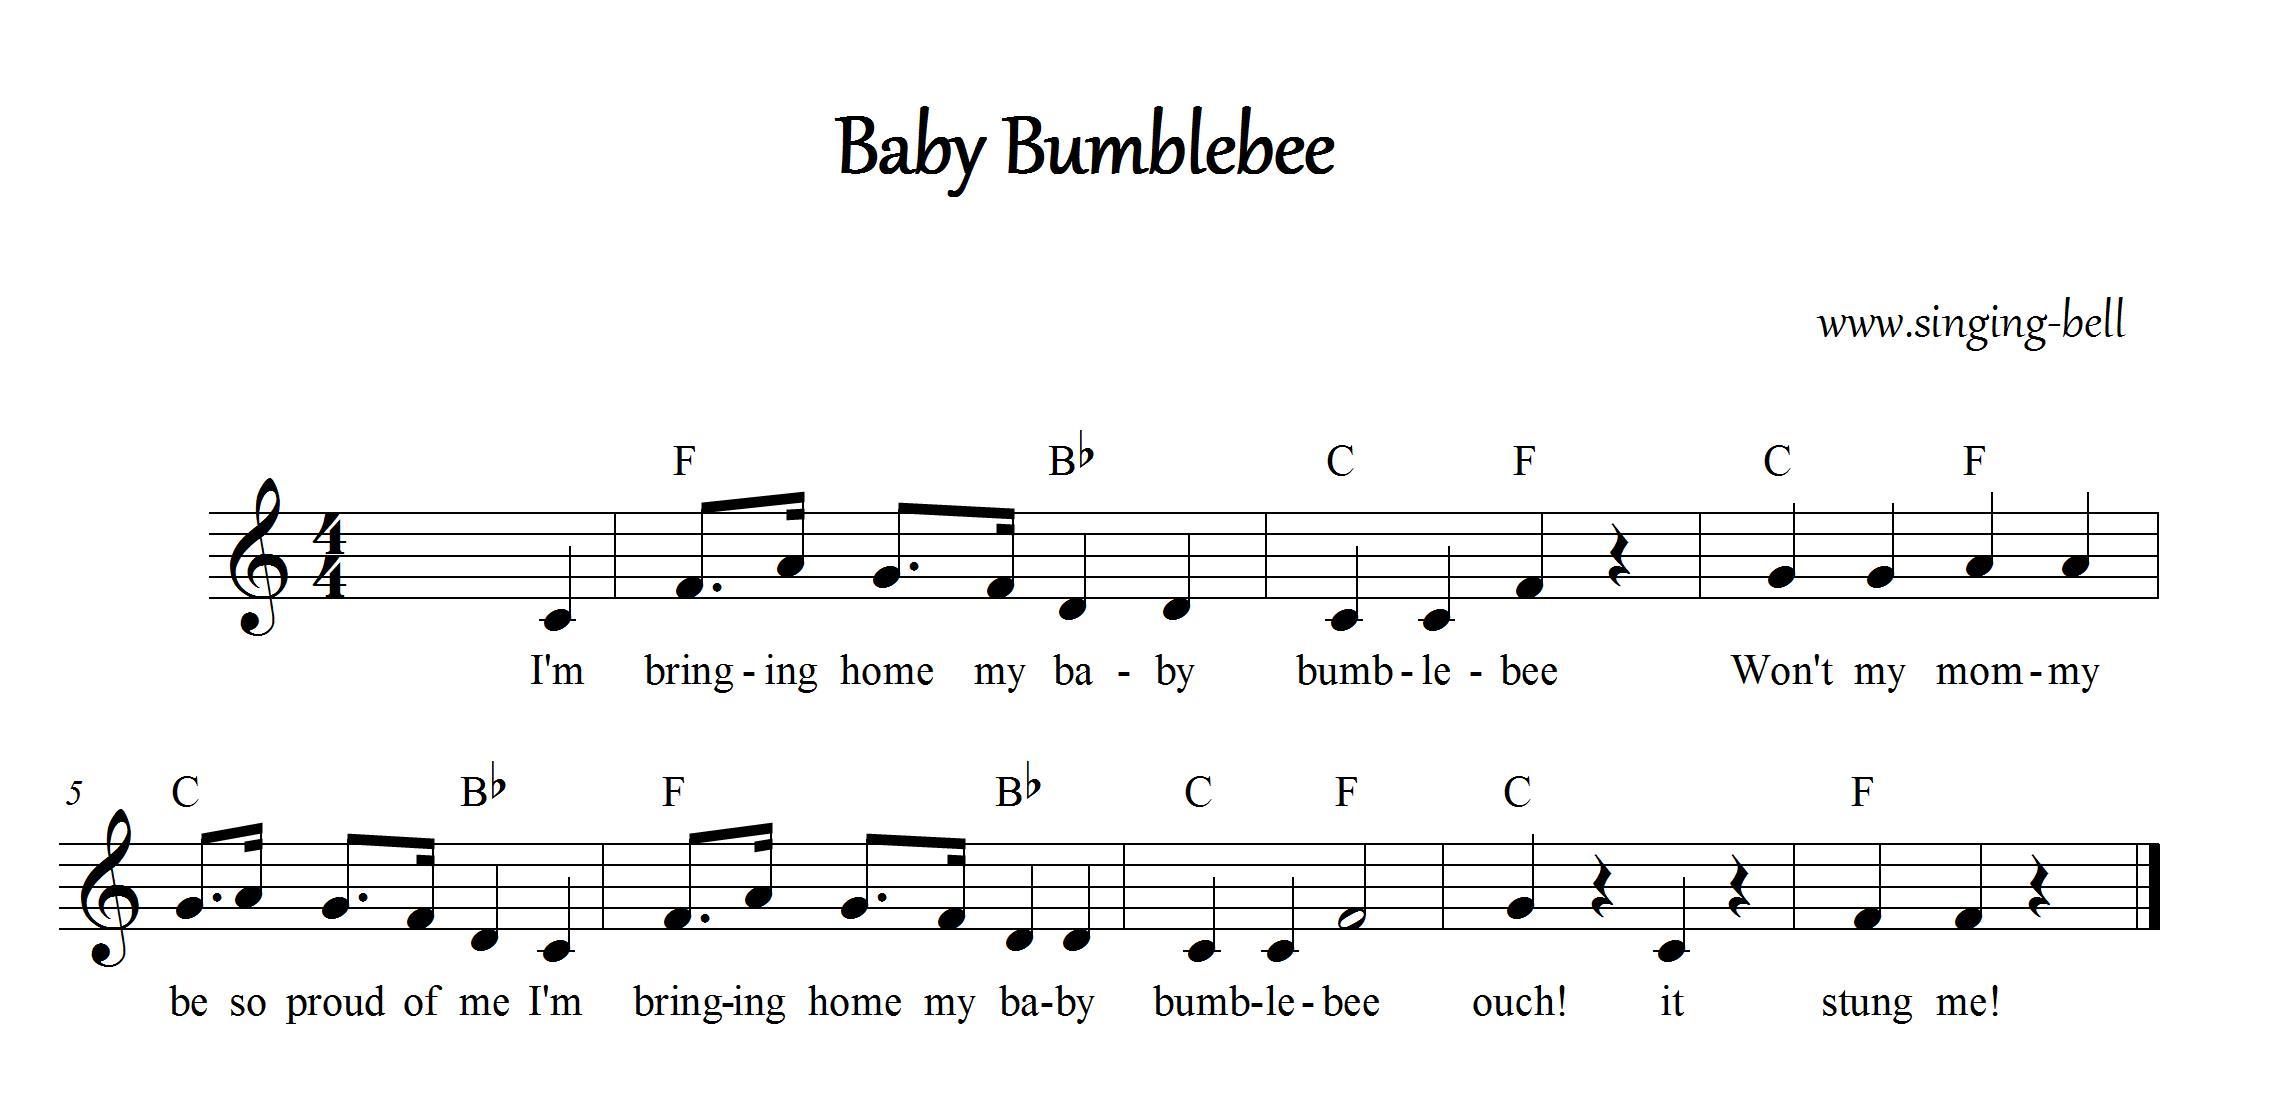 Free Nursery Rhymes Gt Baby Bumblebee Free Mp3 Audio Download